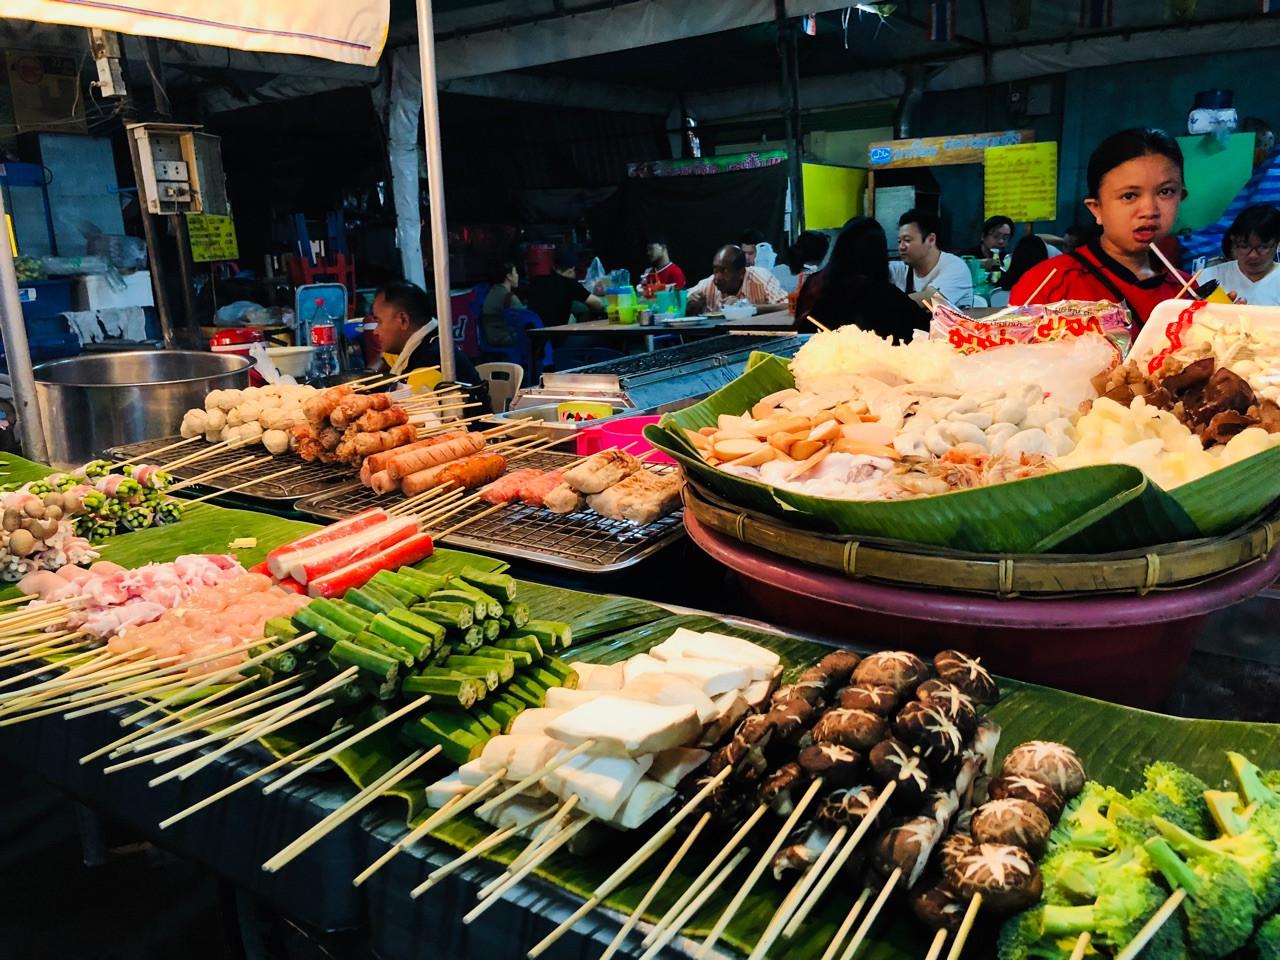 3 khu ẩm thực đường phố Thái Lan không thể bỏ qua trong dịp tết này - Chợ Pratunam 3